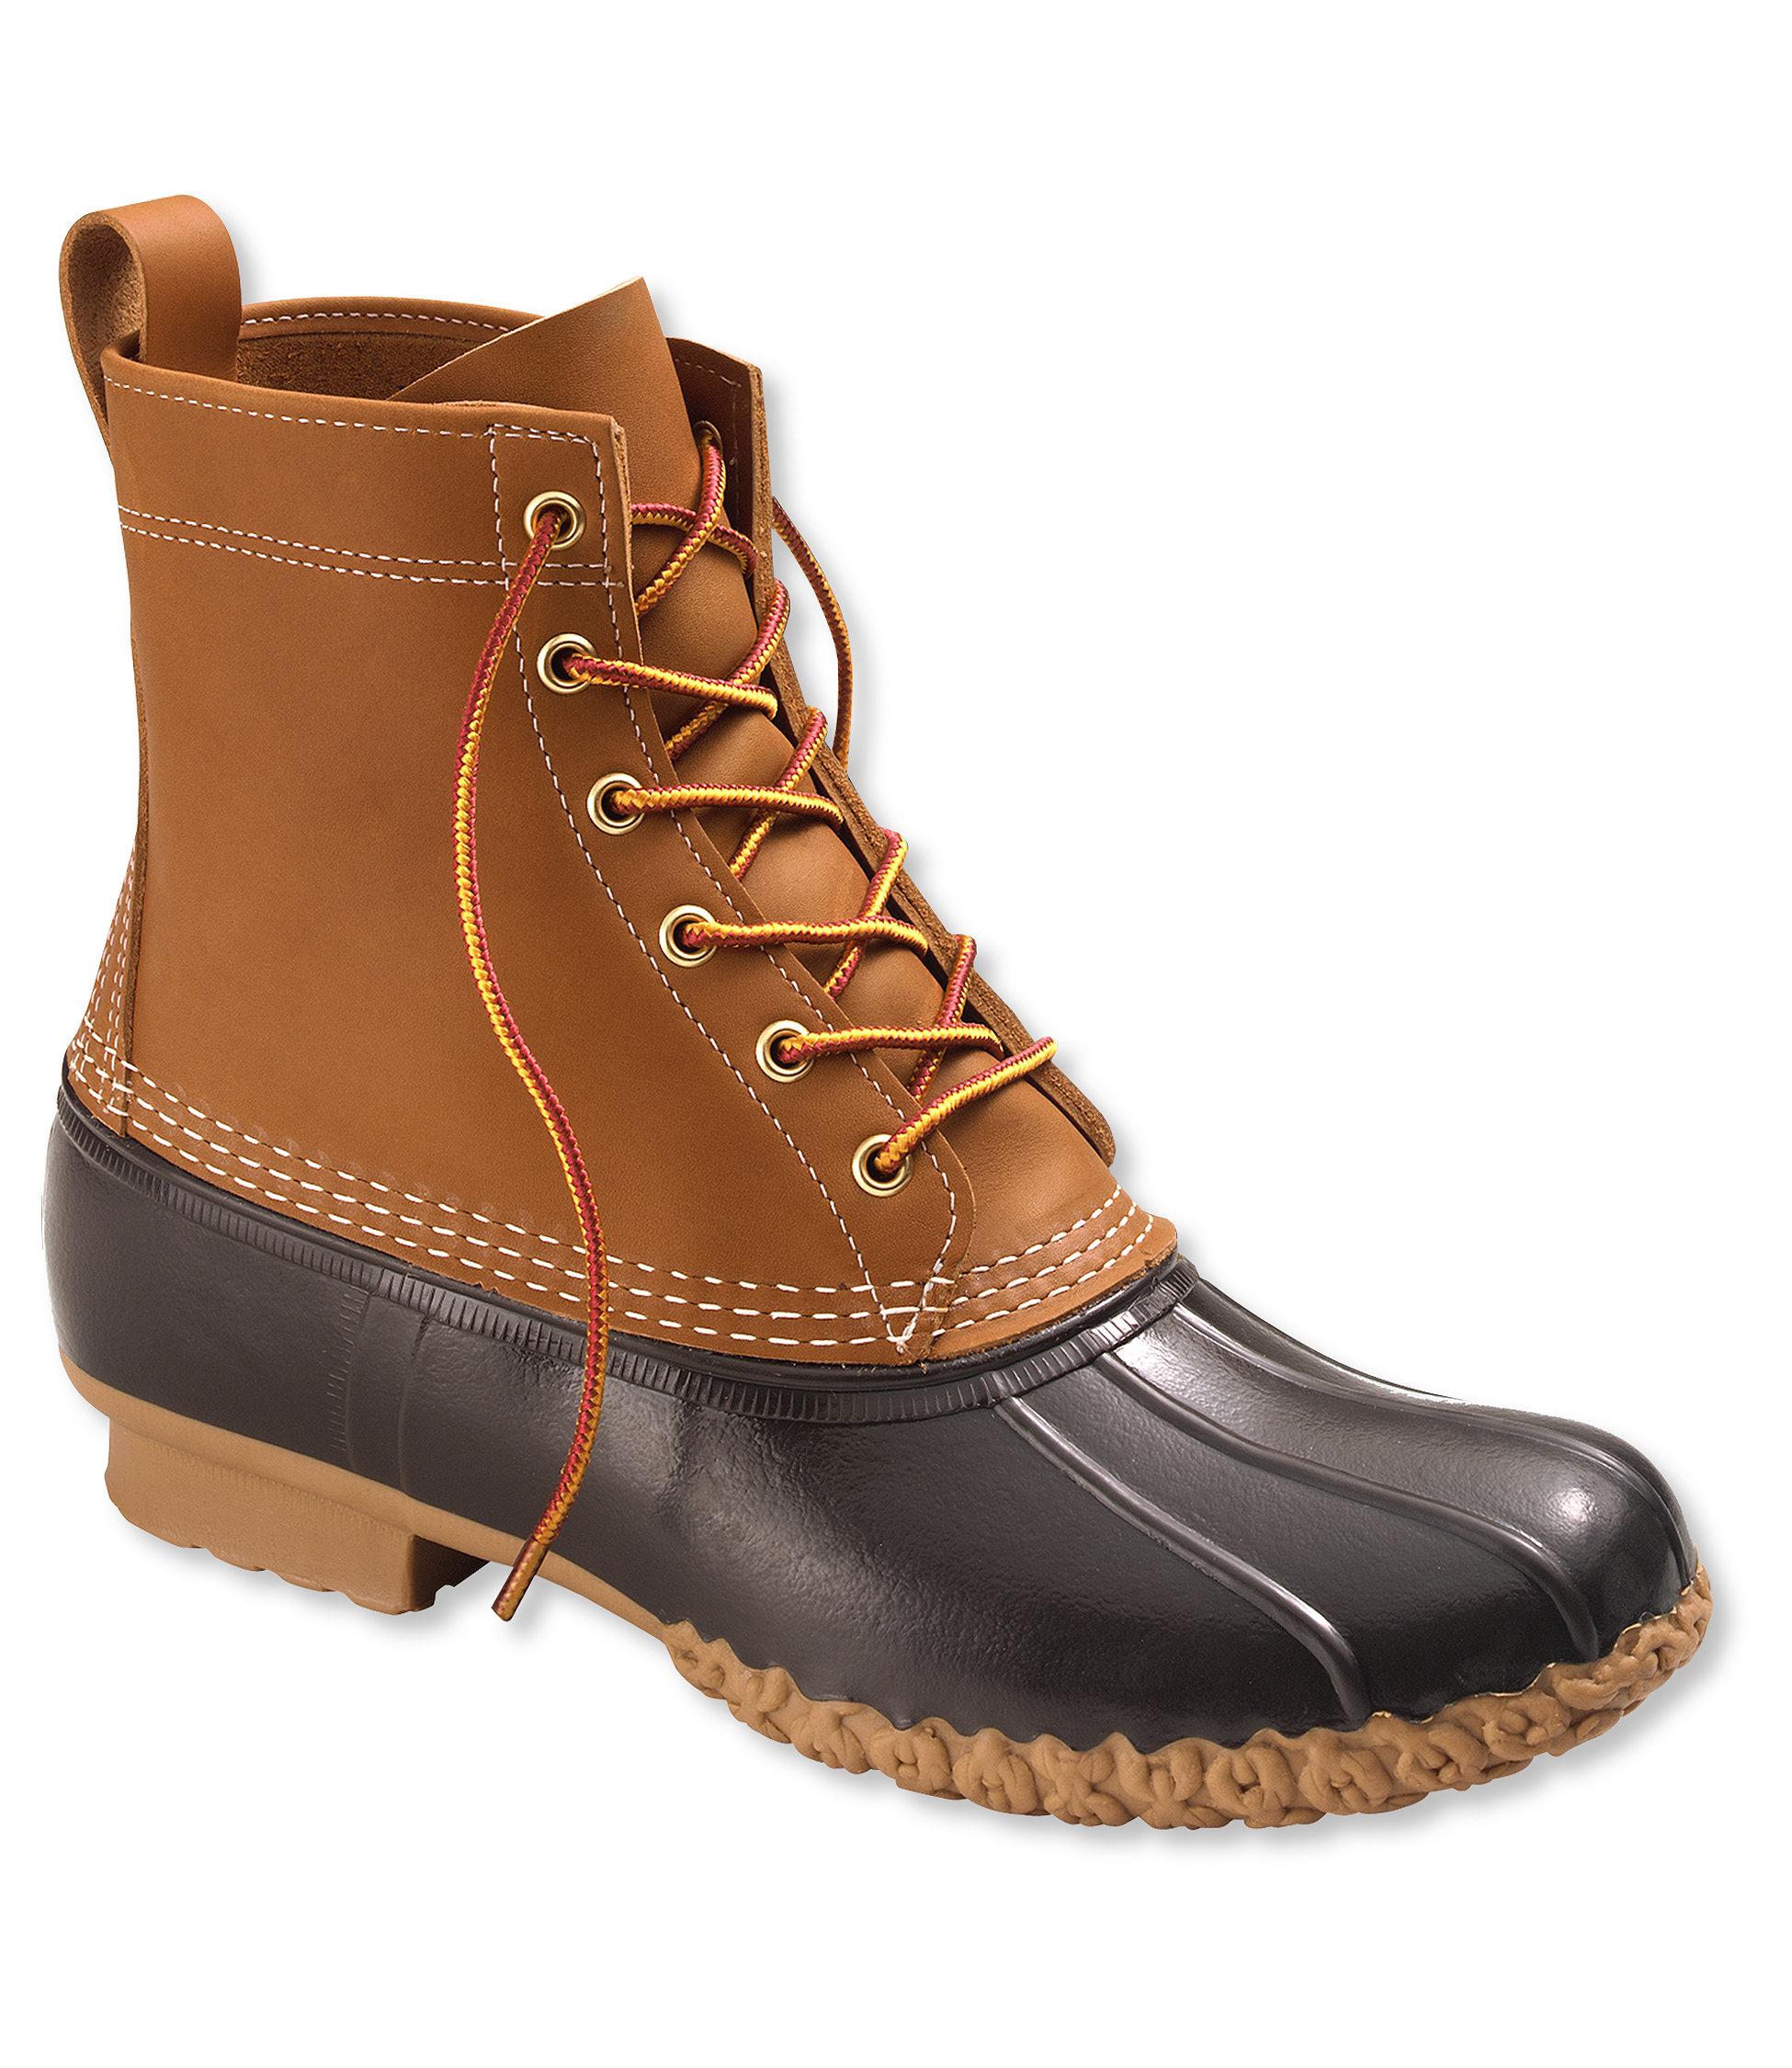 duck boots womenu0027s l.l.bean boots, 8 KMRENDP